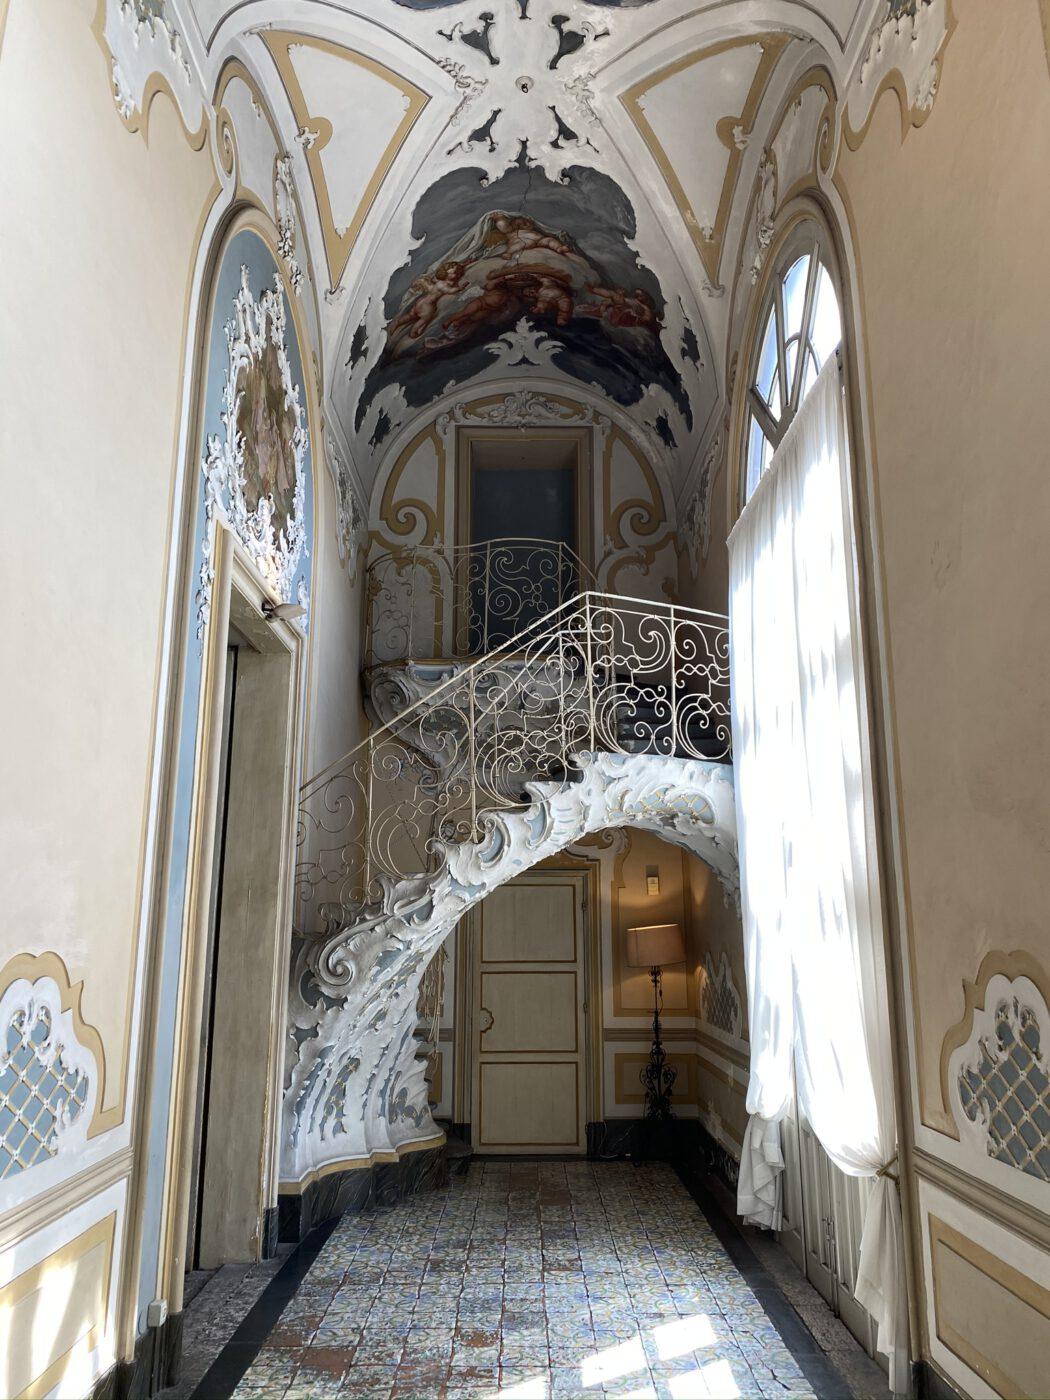 Palazzo Biscari - Catania - The most interesting destination in Sicily